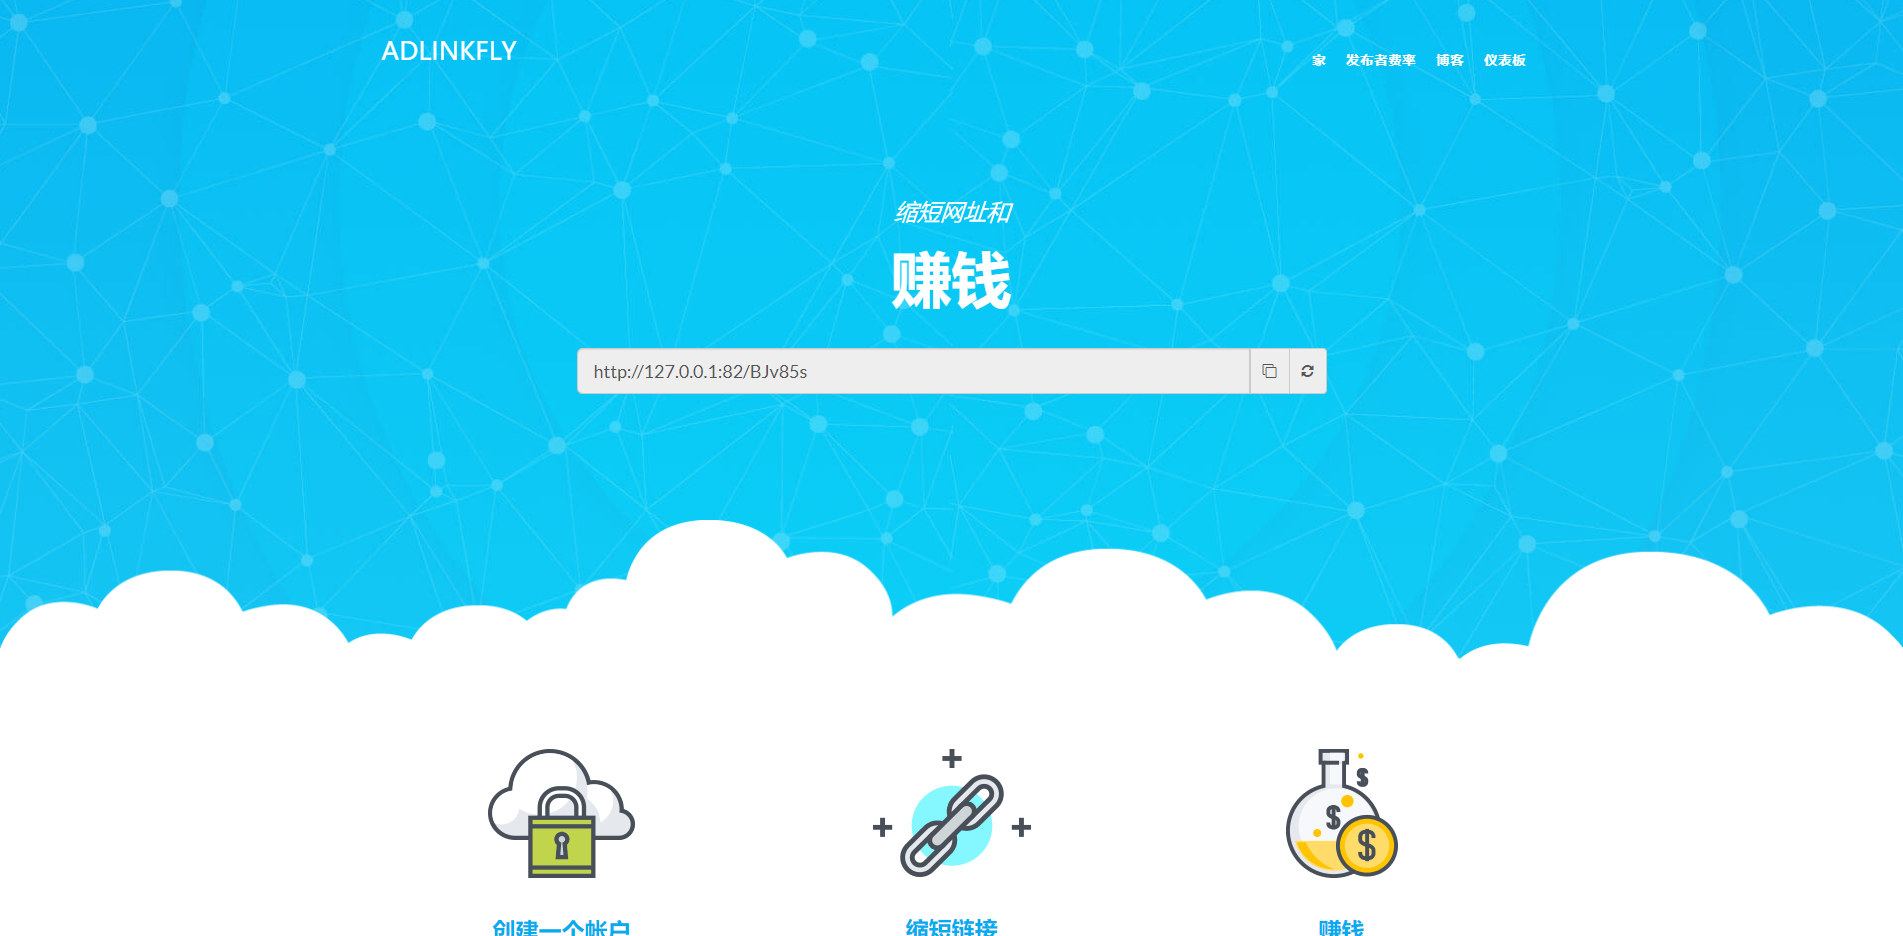 【国外源码】AdLinkFly v6.4.0短域名生成赚钱程序_网址缩短-常网小站Miknio